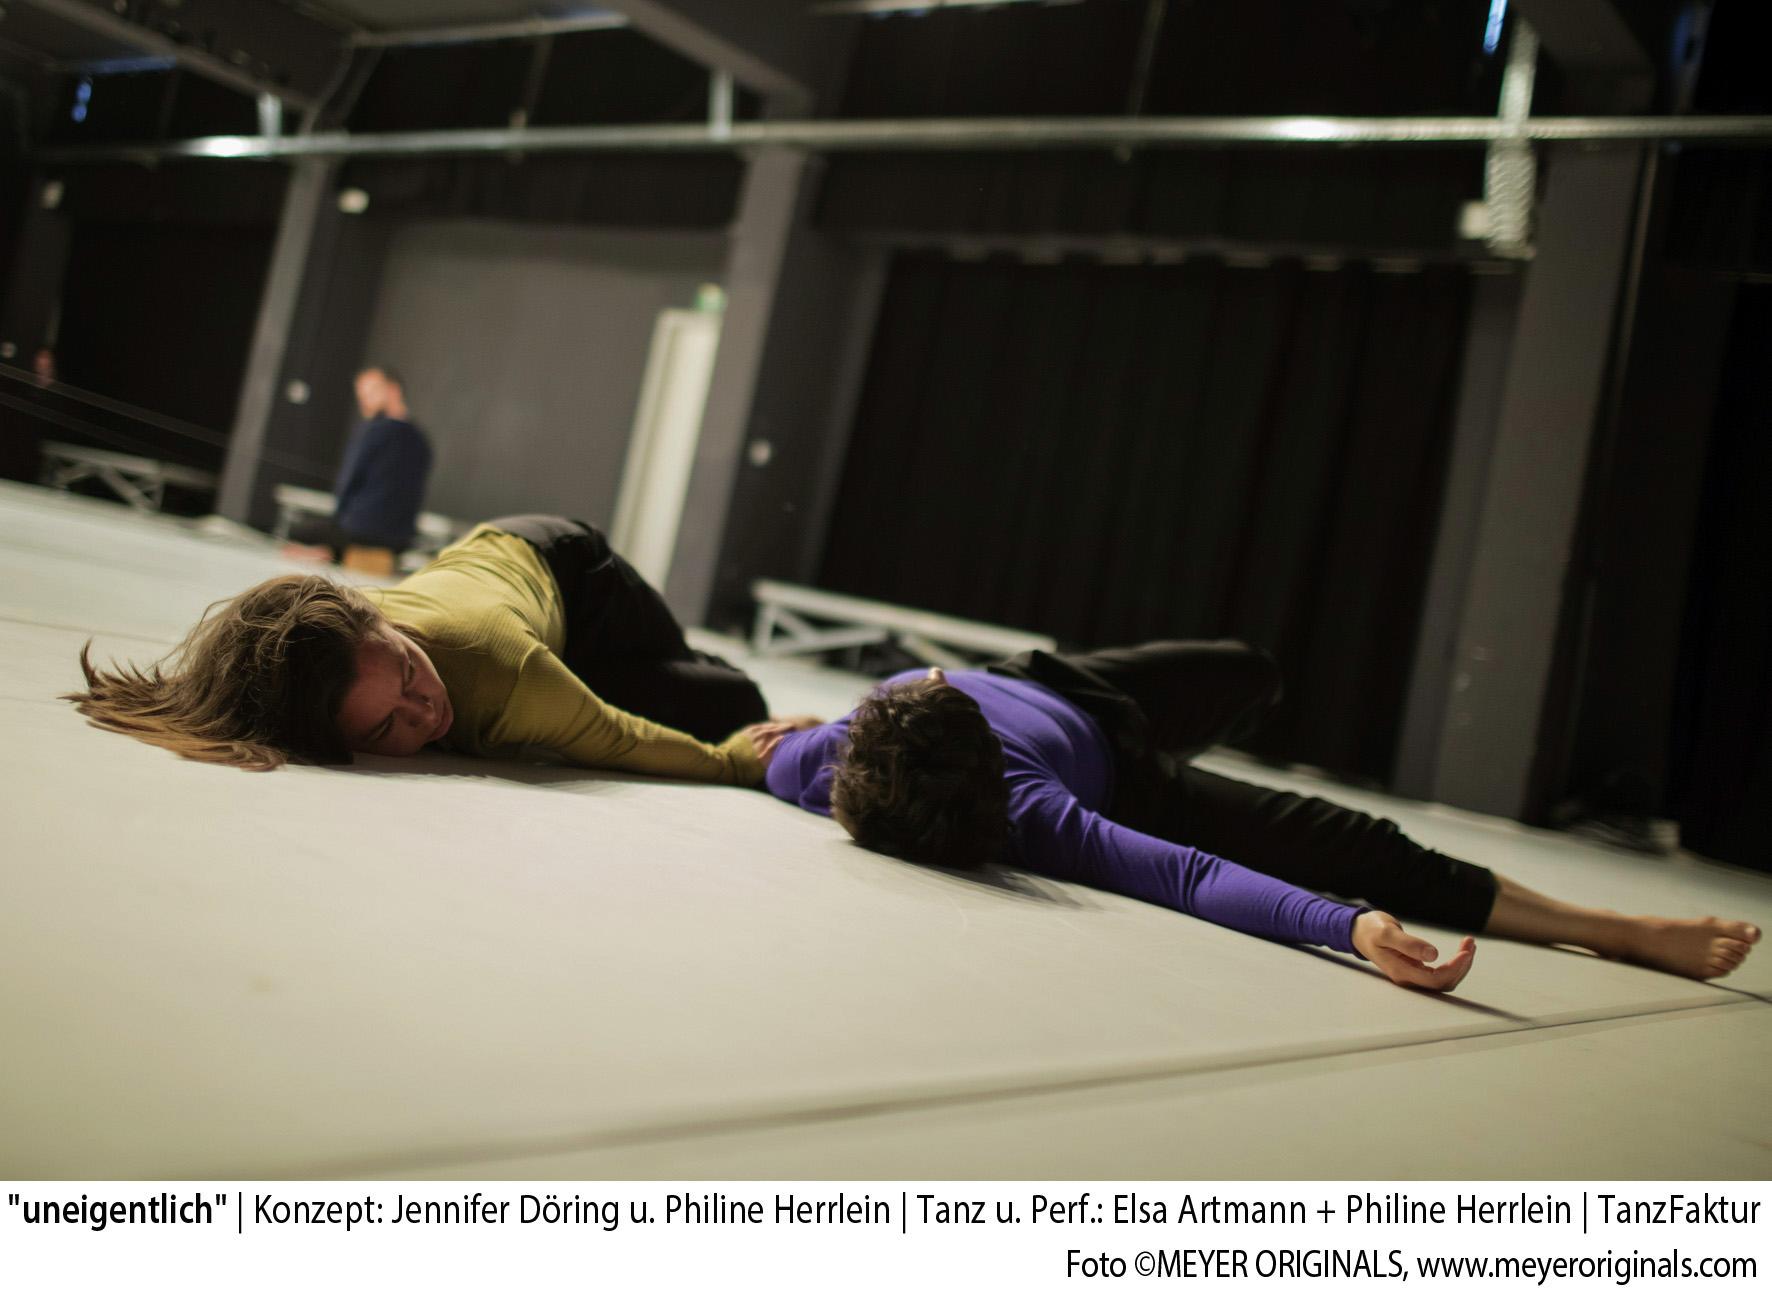 uneigentlich_02_Foto(c)MEYER ORIGINALS_Konzept: Jennifer Döring und Philine Herrlein_Tanz und Performance: Elsa Artmann + Philine Herrlein_Sound: Max Schweder_Lichtdesign: Jörn Loges